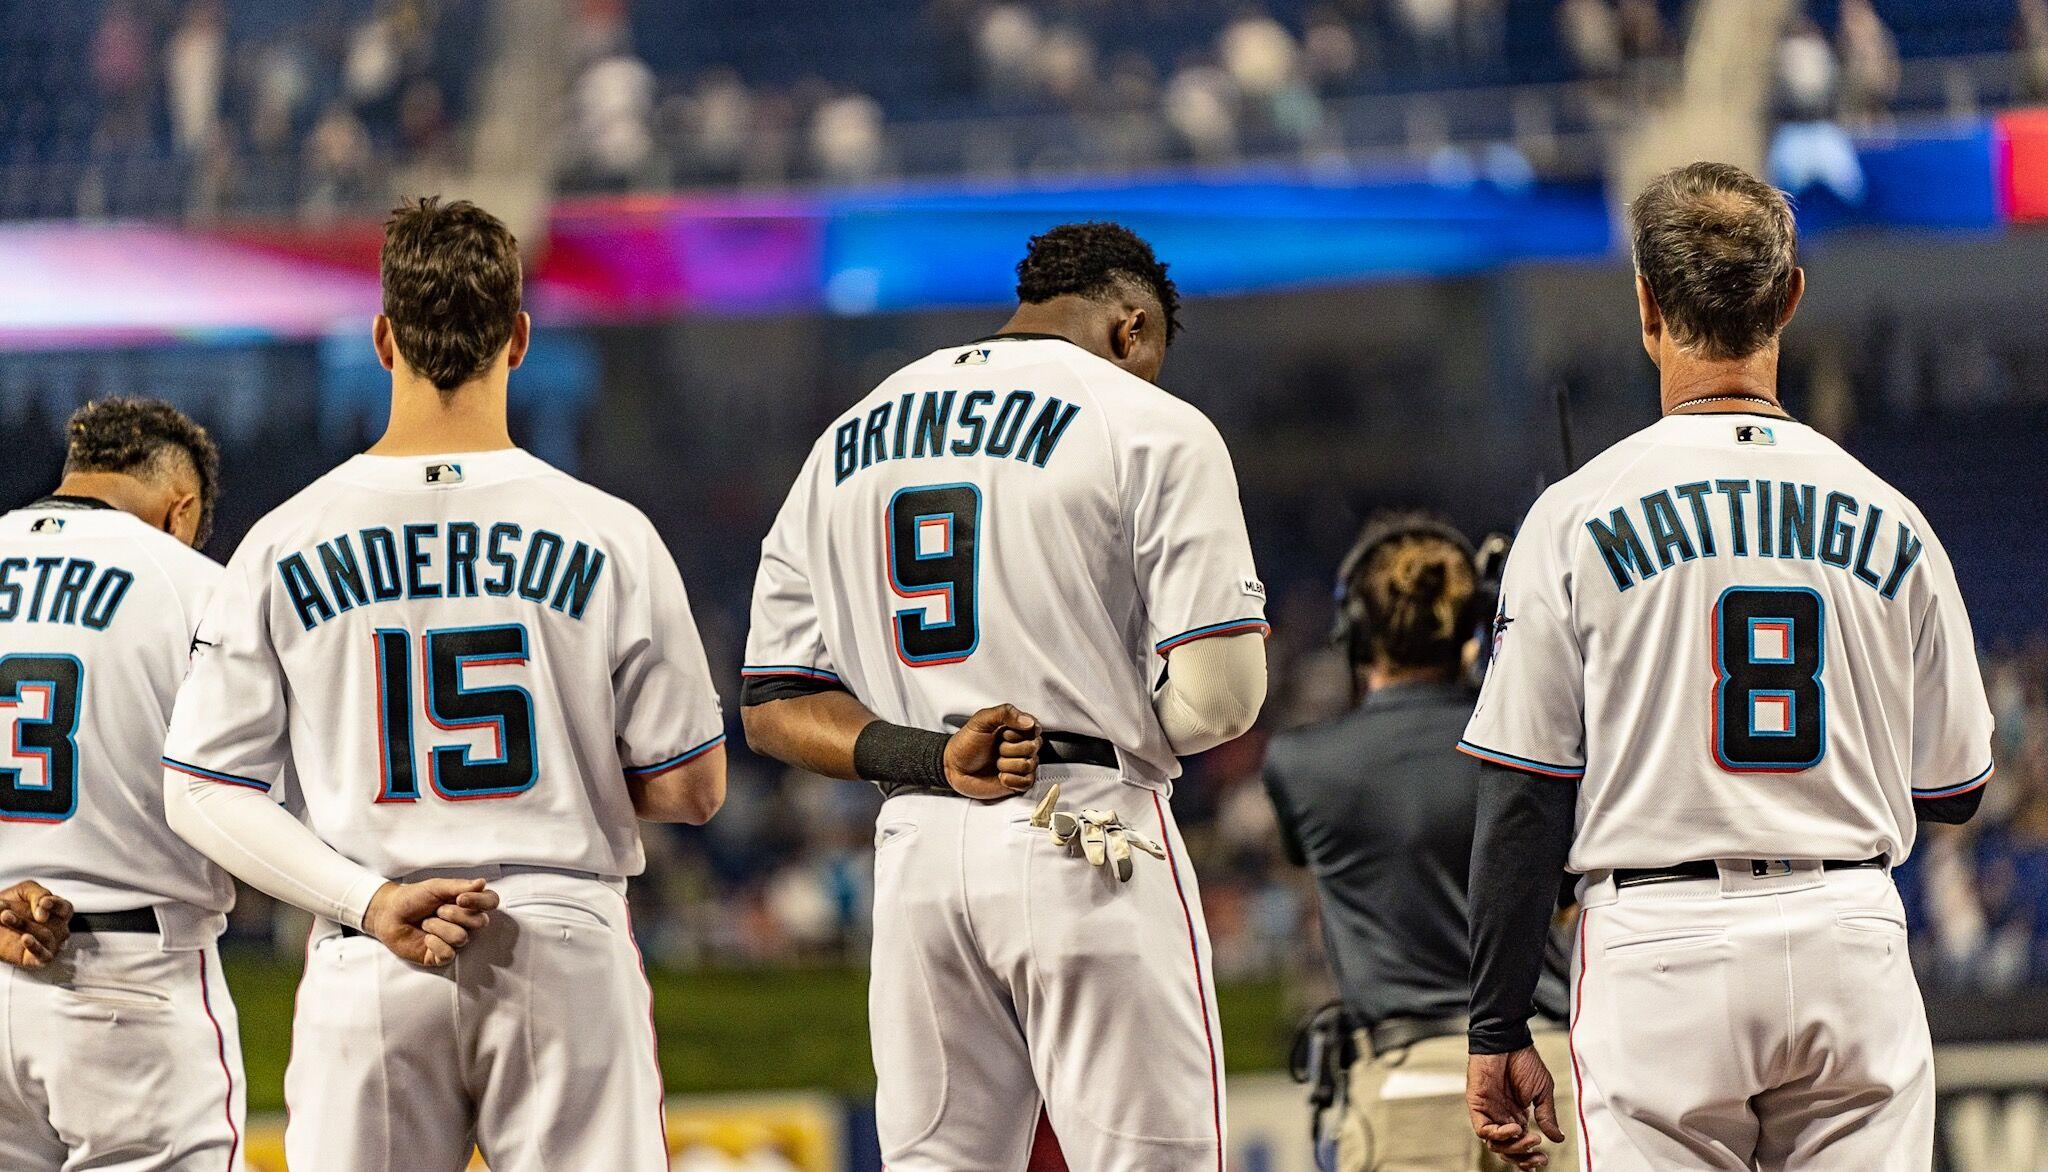 73fb0f343c0 Ranking all 30 MLB teams  uniforms - Fish Stripes